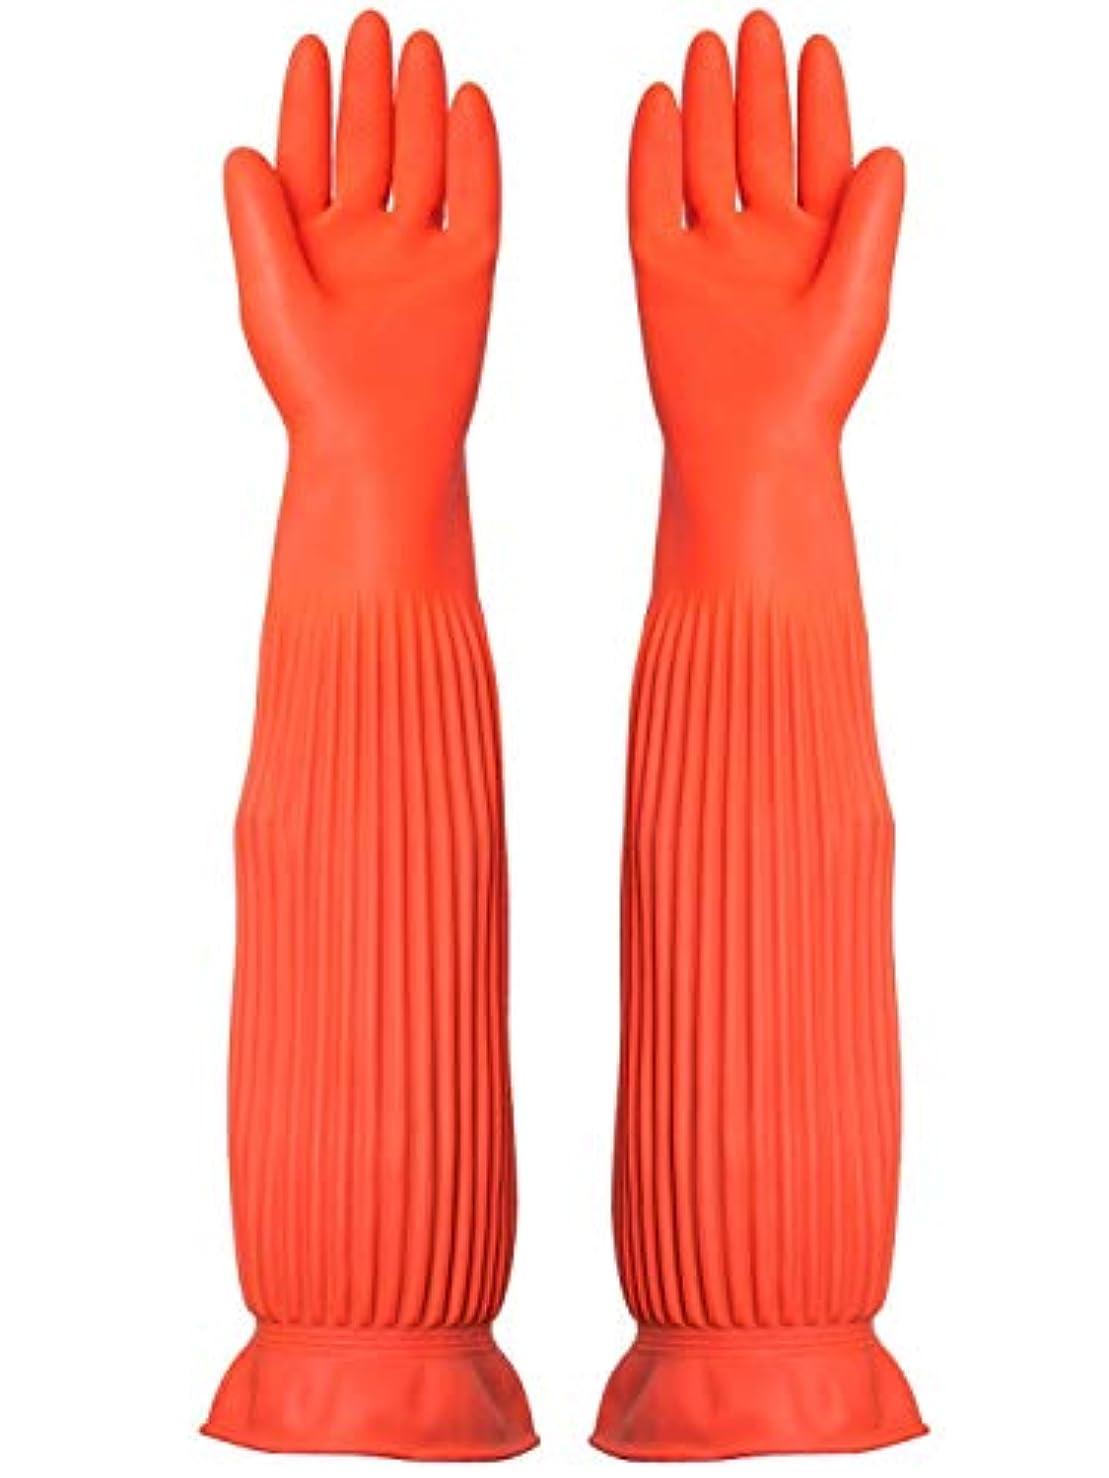 挨拶注意なくなる使い捨て手袋 労働保険手袋長い防水ゴム厚の耐摩耗性ゴム手袋、1ペア ニトリルゴム手袋 (Color : ORANGE, Size : M)